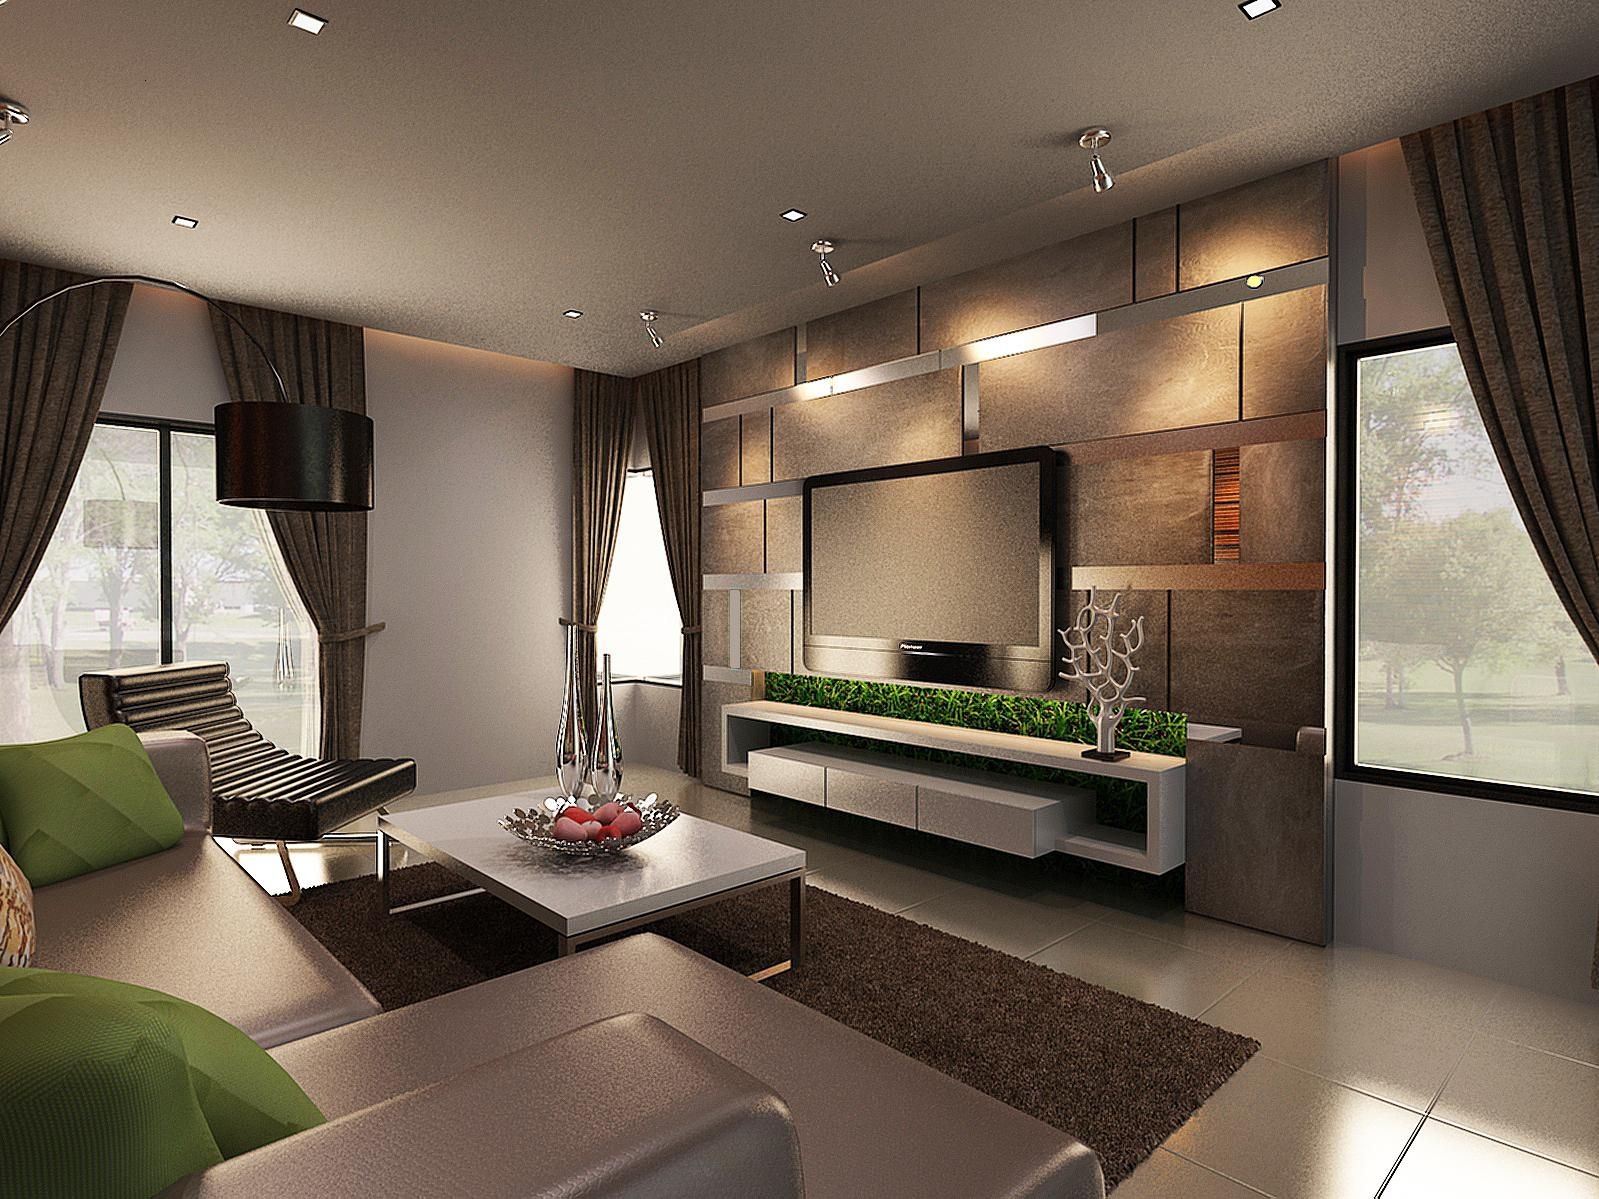 4 Room Hdb Bto Interior Design Google Search Home Design Decor